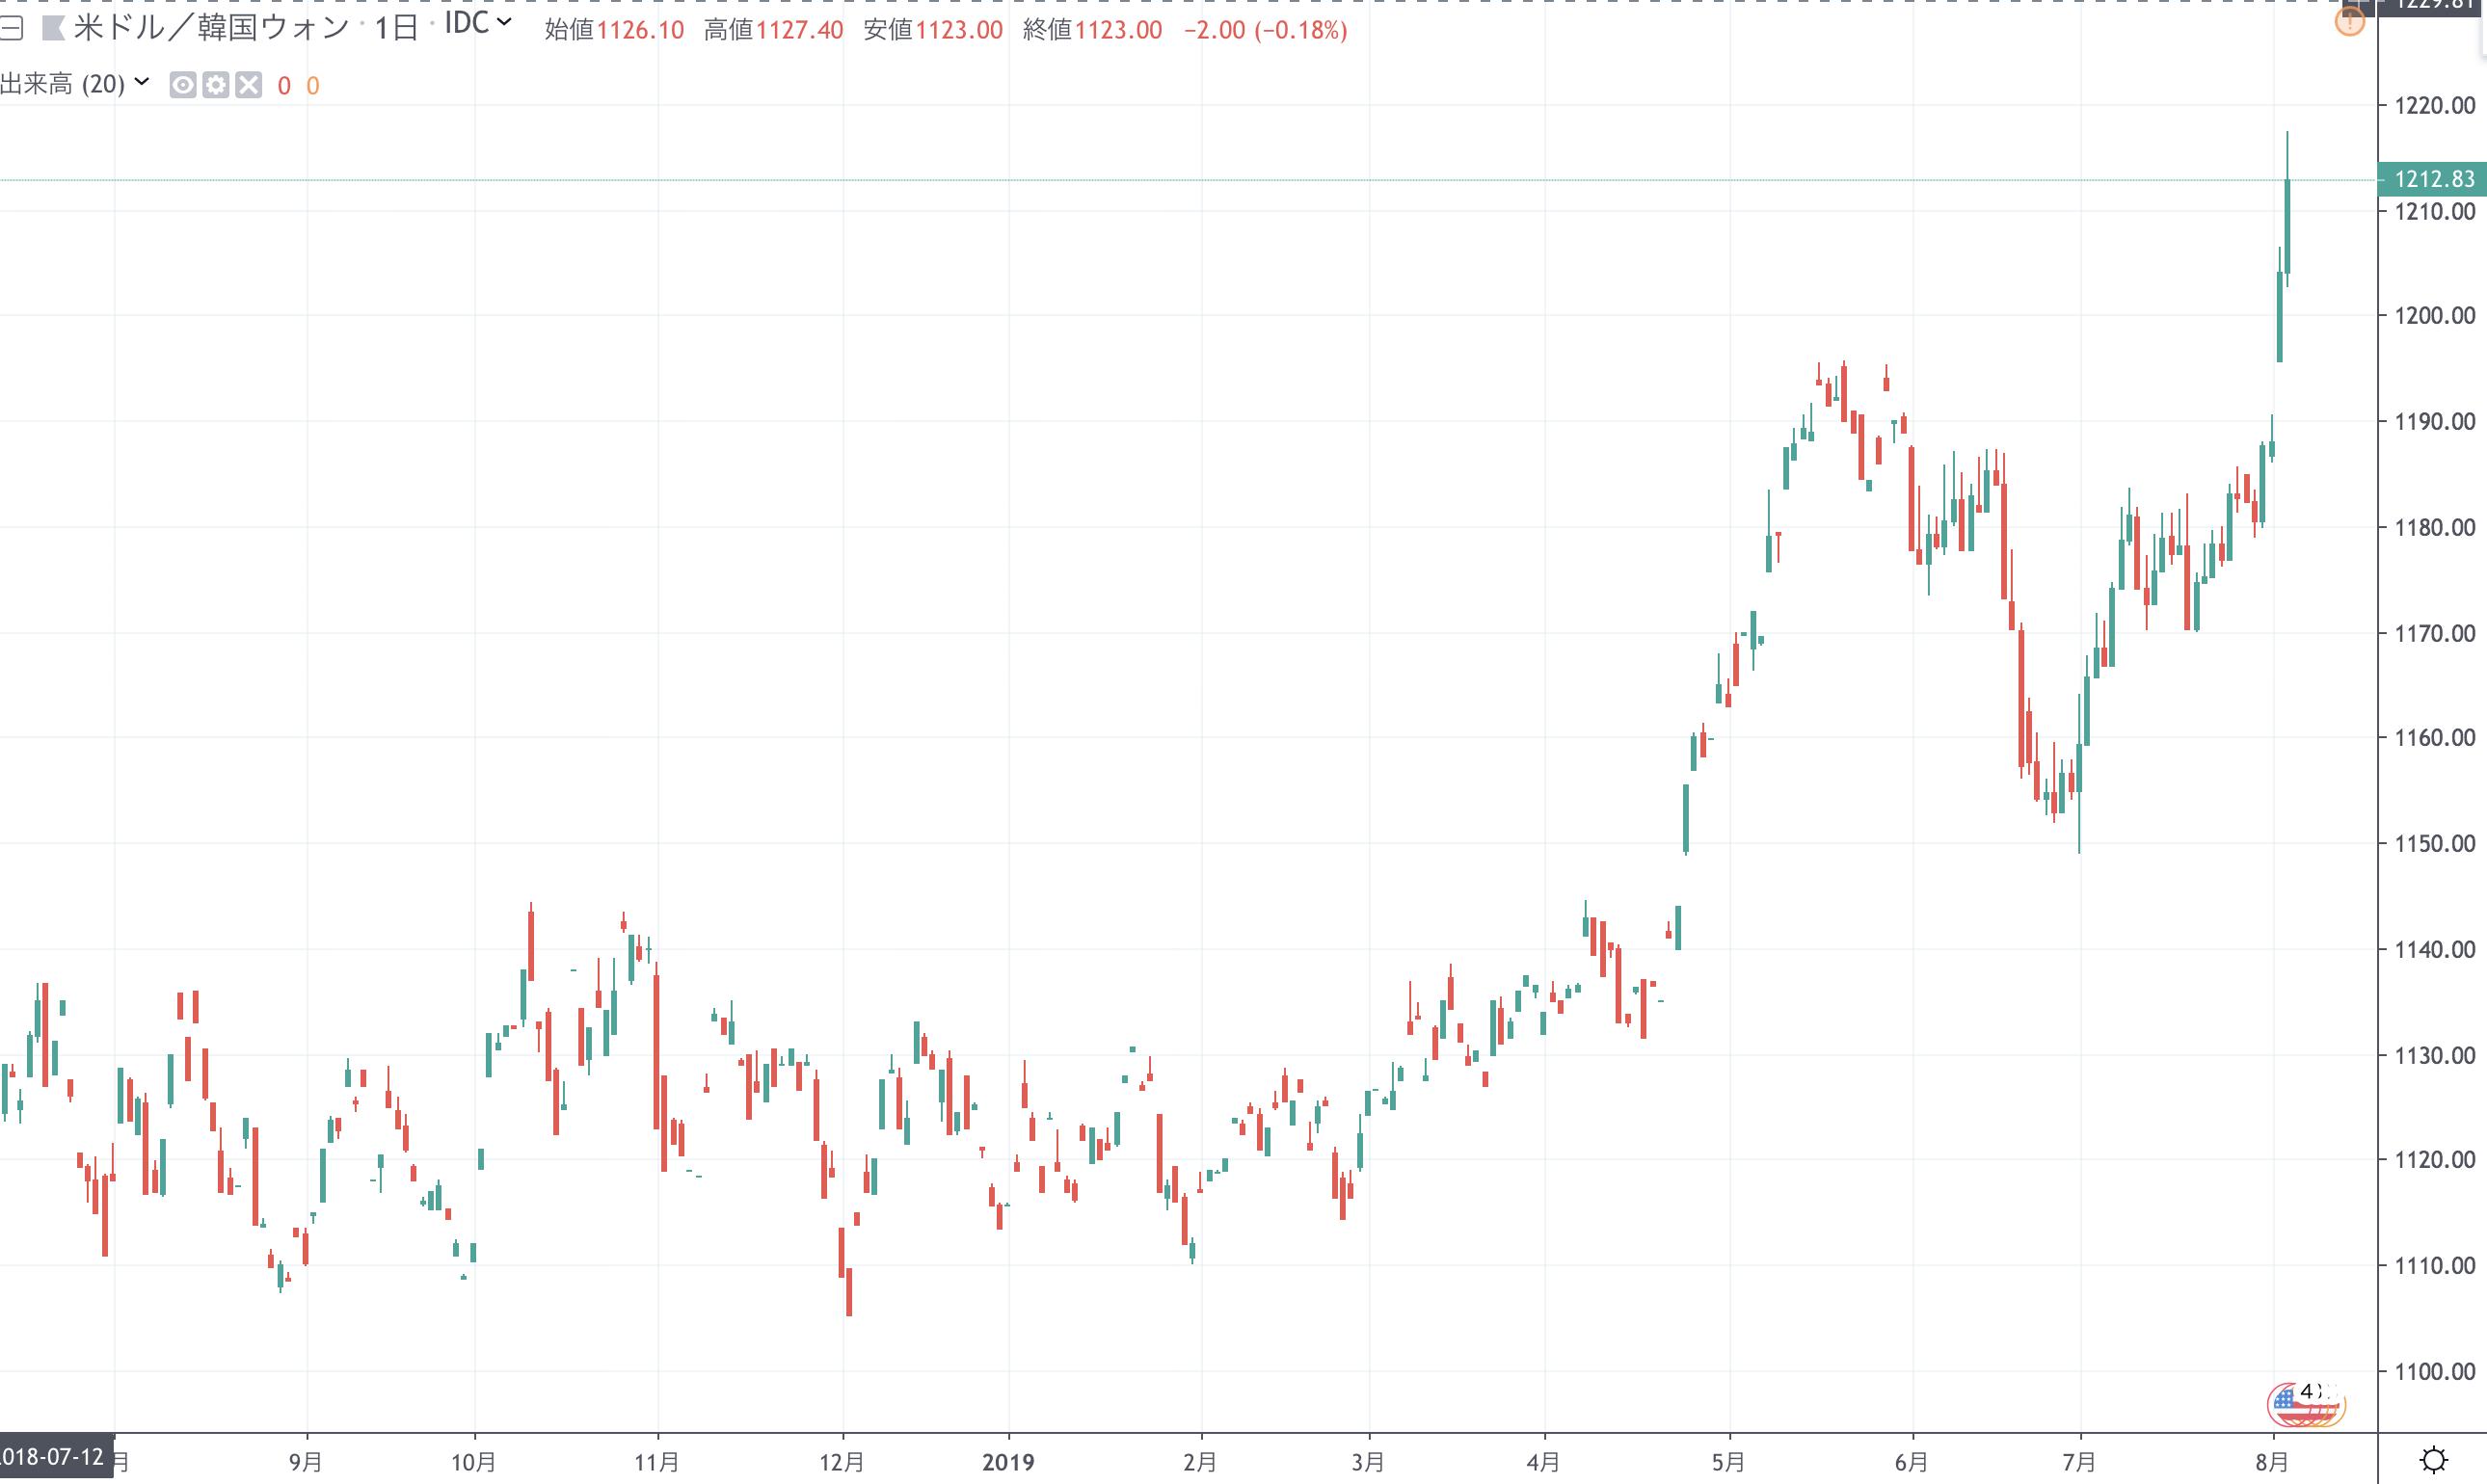 韓国 ウォン 大幅下落 2017年1月以来 1ドル 1200ウォン台